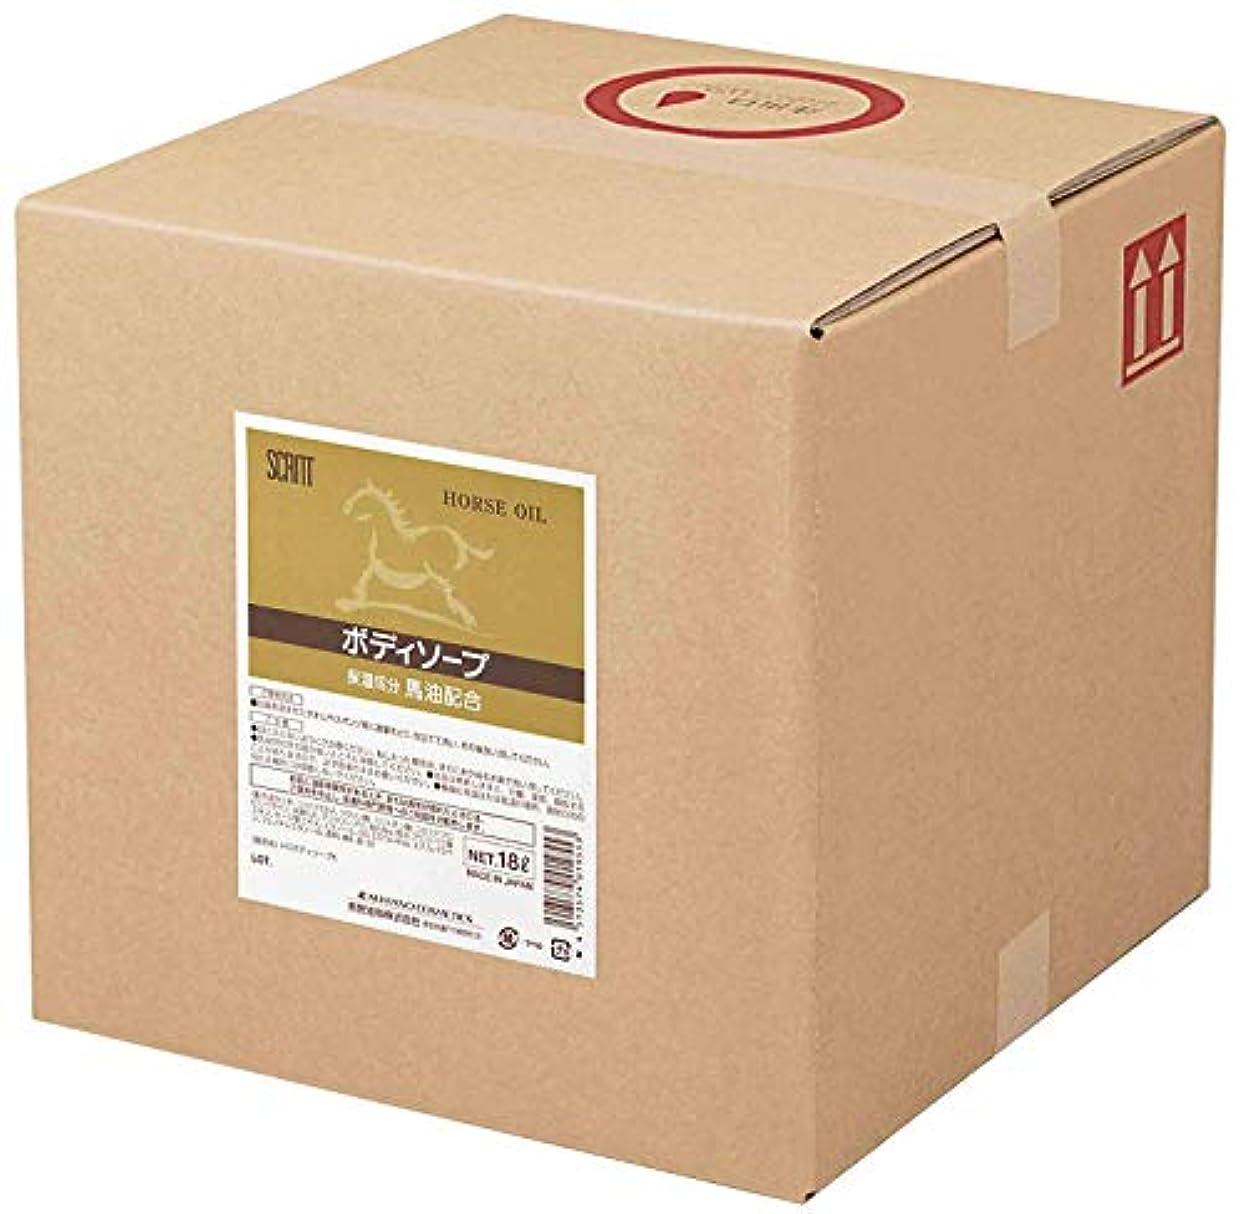 バーガー貢献する壊滅的な業務用 SCRITT(スクリット) 馬油ボディソープ 18L 熊野油脂 (コック付き)